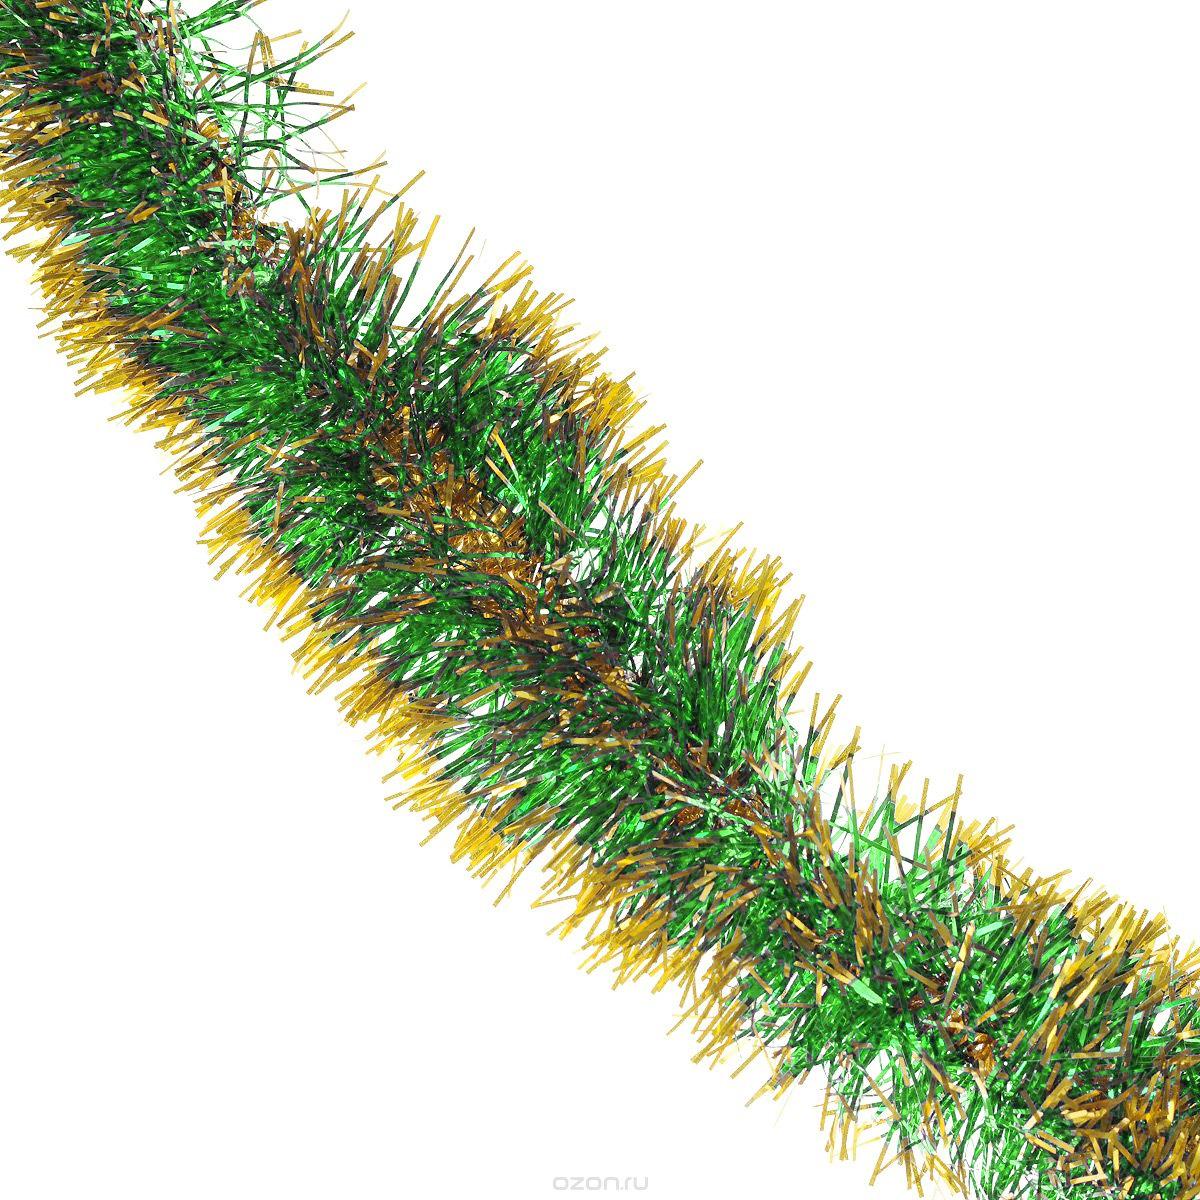 Мишура новогодняя Sima-land, цвет: зеленый, золотистый, диаметр 8 см, длина 200 см. 702630702630_зеленый, золотистыйНовогодняя мишура Sima-land, выполненная из двухцветной фольги, поможет вамукрасить свой дом к предстоящим праздникам. А новогодняя елка с таким украшением станетеще наряднее. Мишура армирована, то есть имеет проволоку внутри и способна сохранятьпридаваемую ей форму. Новогодней мишурой можно украсить все, что угодно - елку, квартиру, дачу, офис - как внутри, так и снаружи. Можно сложить новогодние поздравления, буквы и цифры, мишурой можно украсить идополнить гирлянды, можно выделить дверные колонны, оплести дверные проемы.